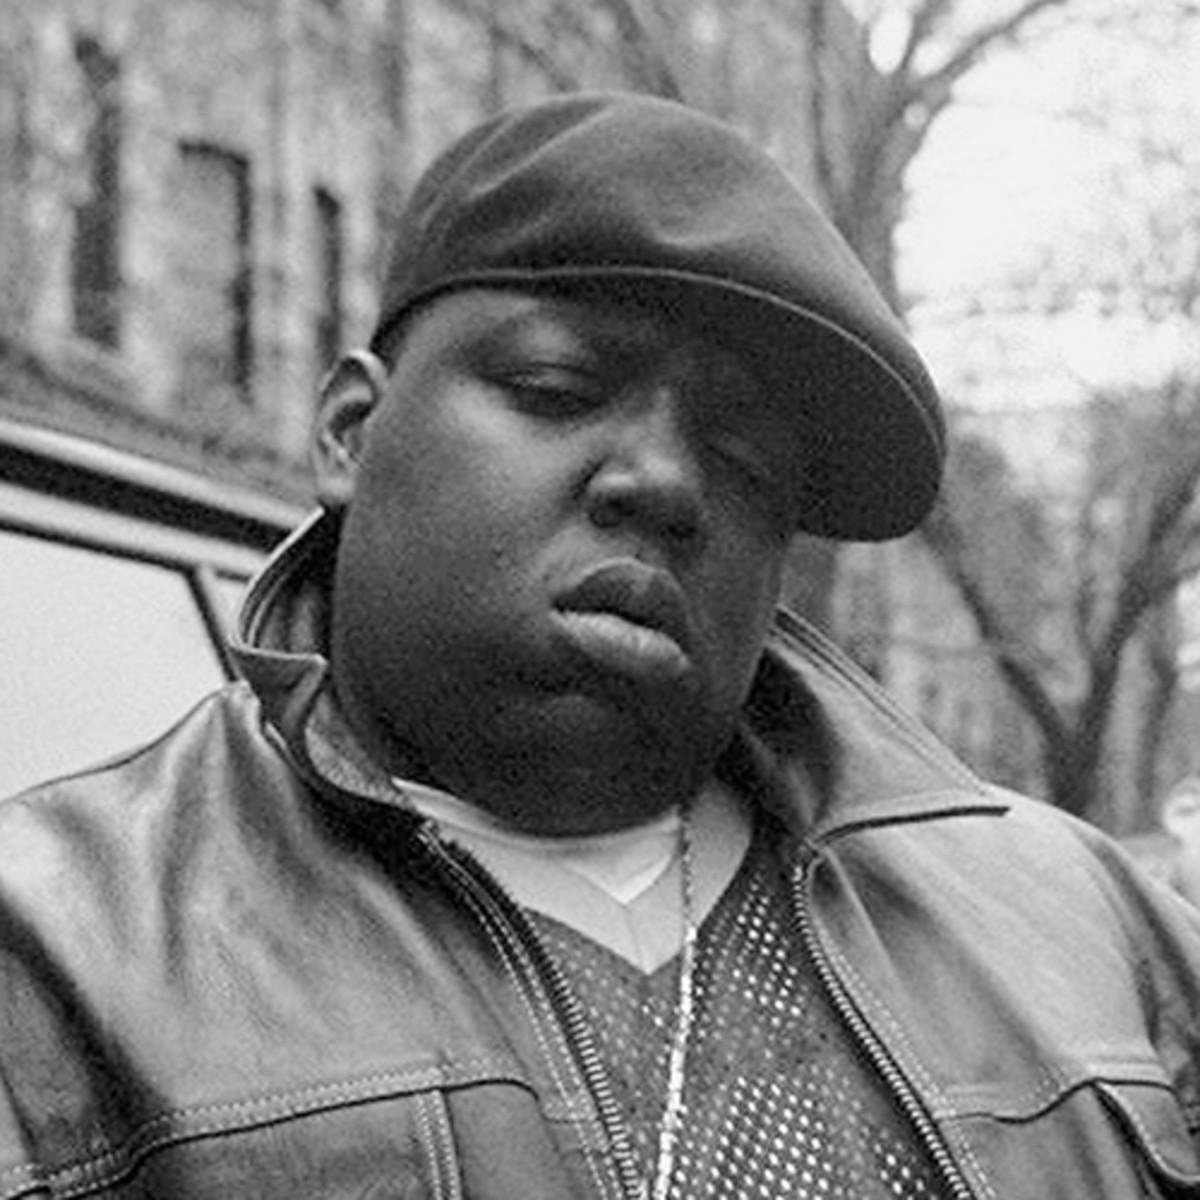 """Platz 2: The Notorious B.I.G. - «Als ich zum ersten Mal Tapes von Freestyle Sessions hatte, war ich komplett geflasht. Das Album """"Ready To Die"""" ist für mich ein Wahnsinn bis heute. Einer der besten Rapper ever und zwar auf allen Ebenen. Technisch, Style, Message… Einfach alles Wahnsinn und eine Stimme für Götter.»"""